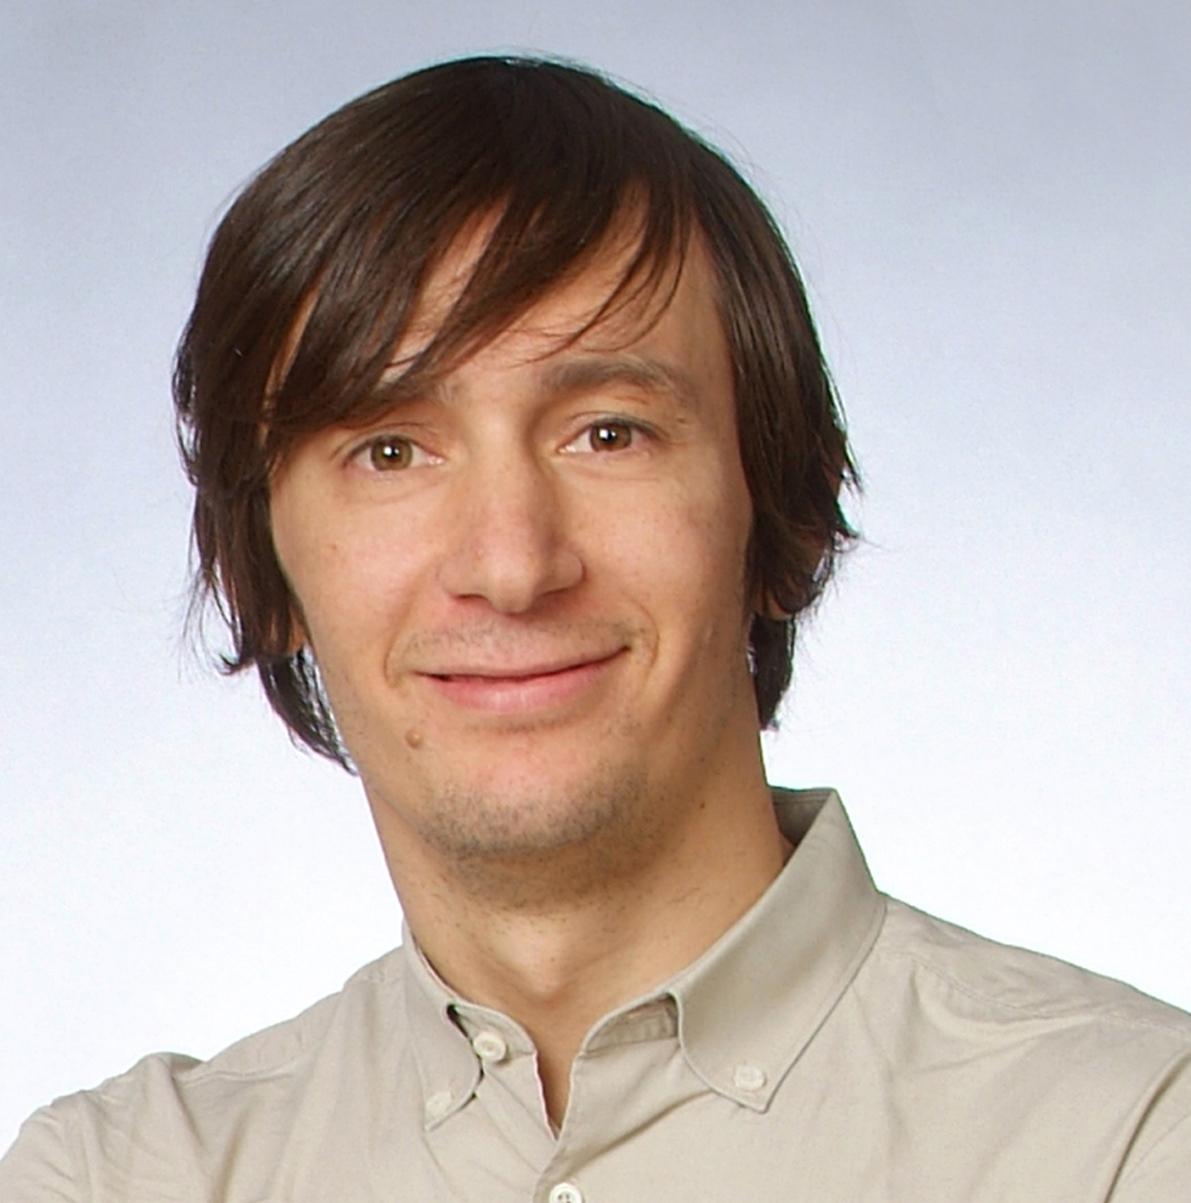 Igor Drobiazko